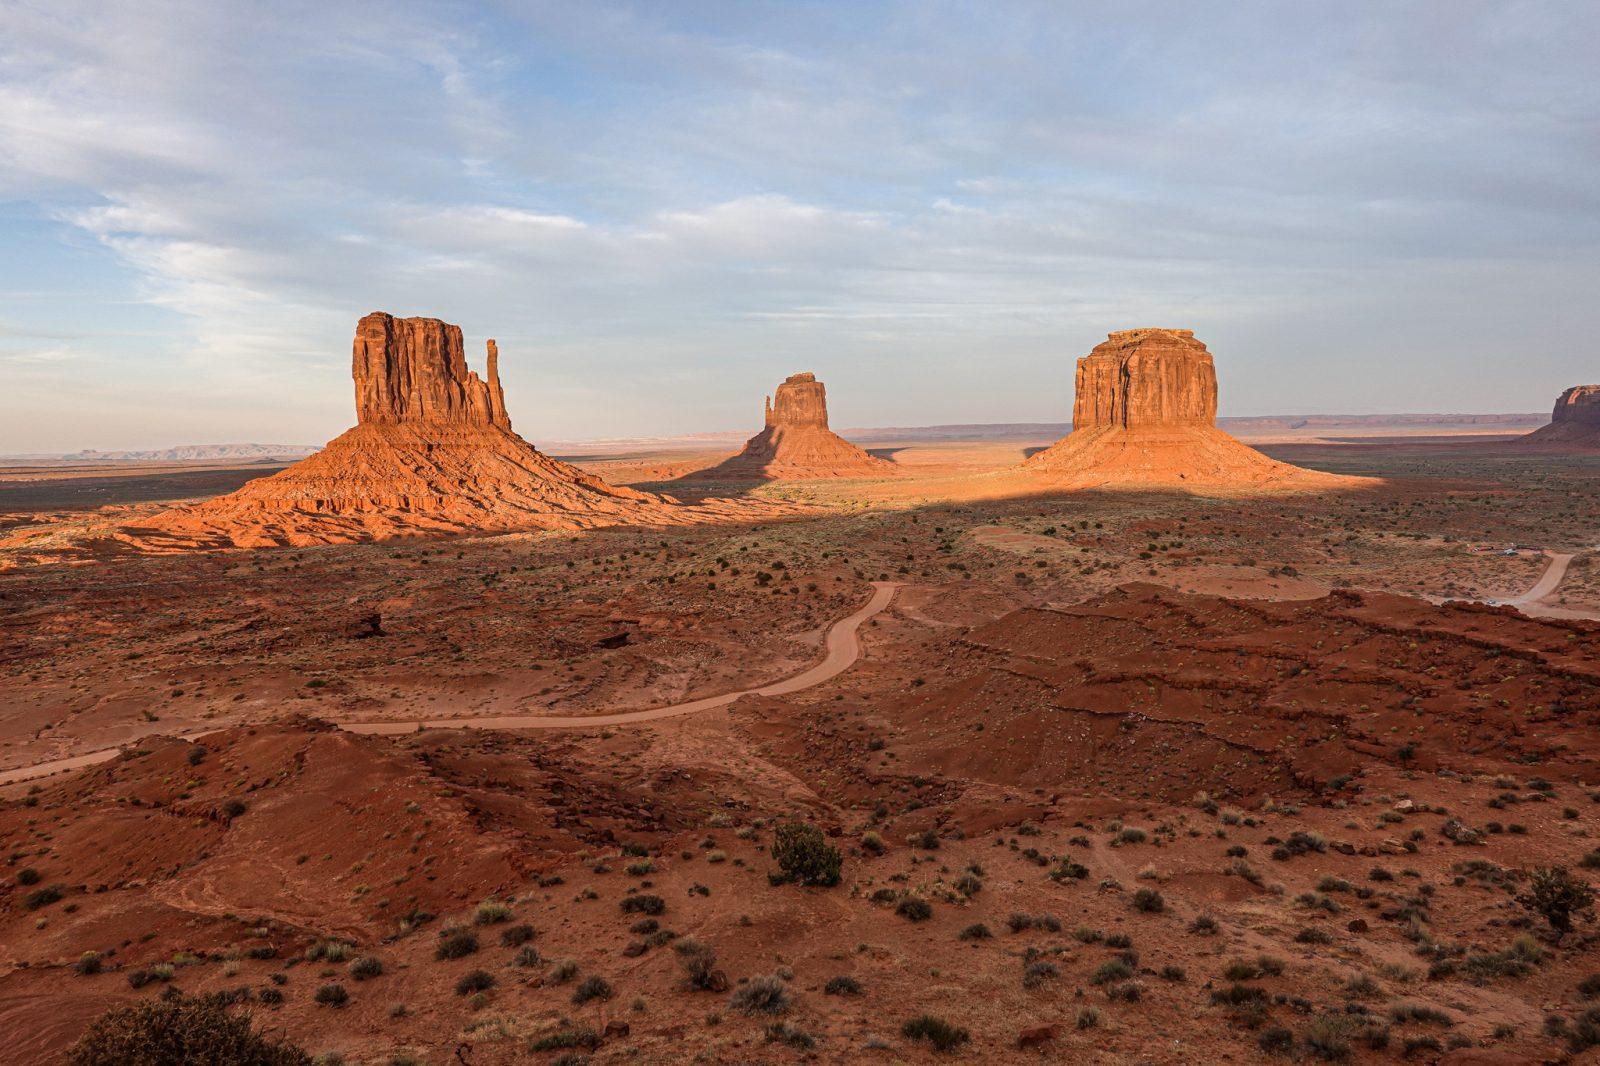 Oljato i solnedgang Utah USA